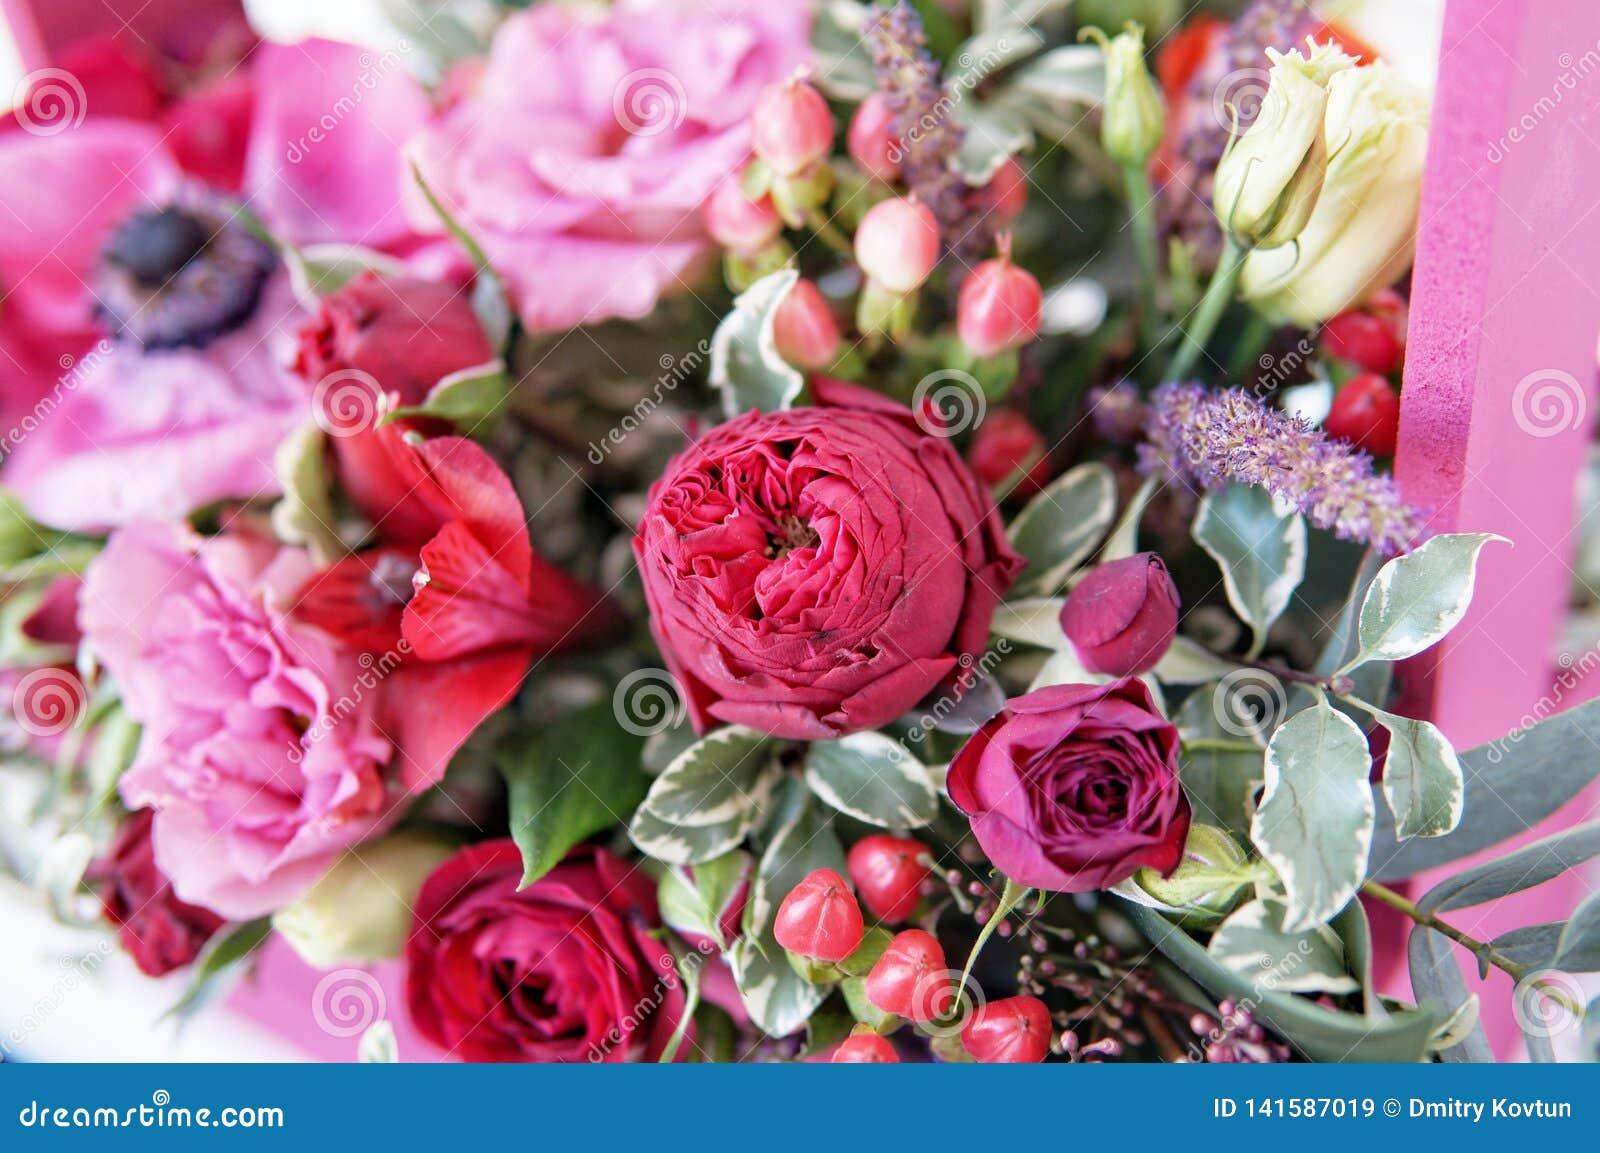 Η όμορφη floral ρύθμιση του κοκκίνου, του ροζ και burgundy ανθίζει σε ένα ρόδινο ξύλινο κιβώτιο